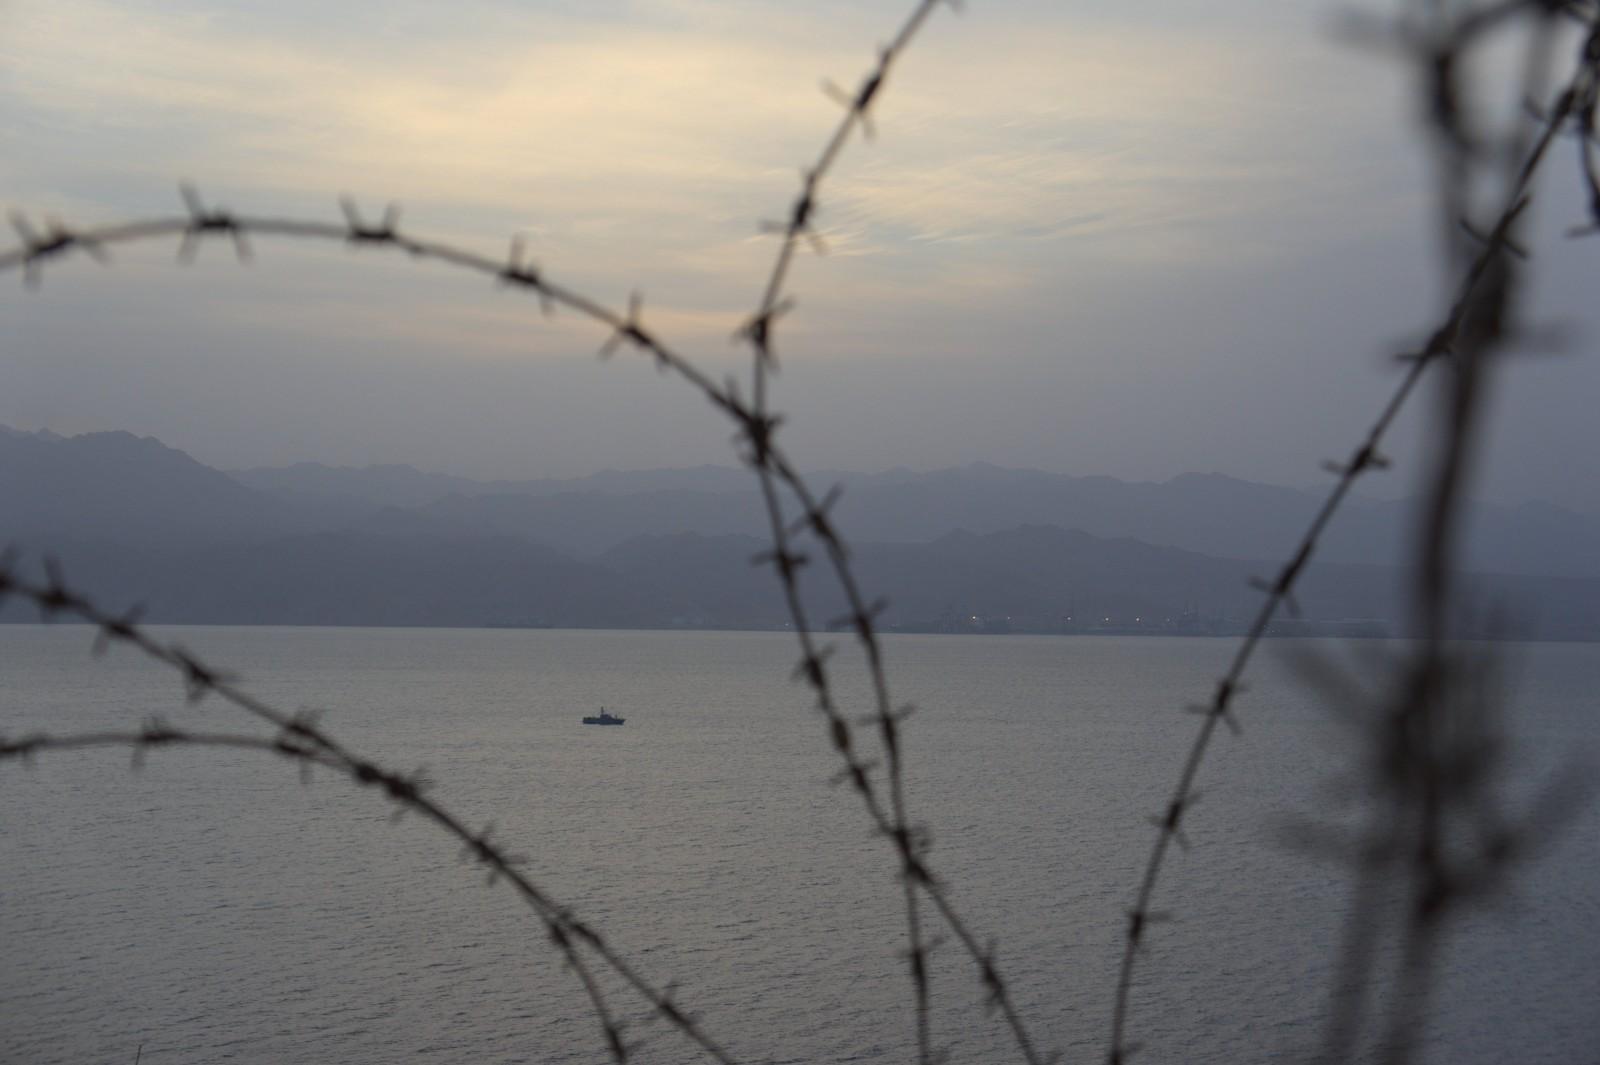 Kolem pobřeží neustále hlídkovala ozbrojená loď, v přístavu kotvil bitevník